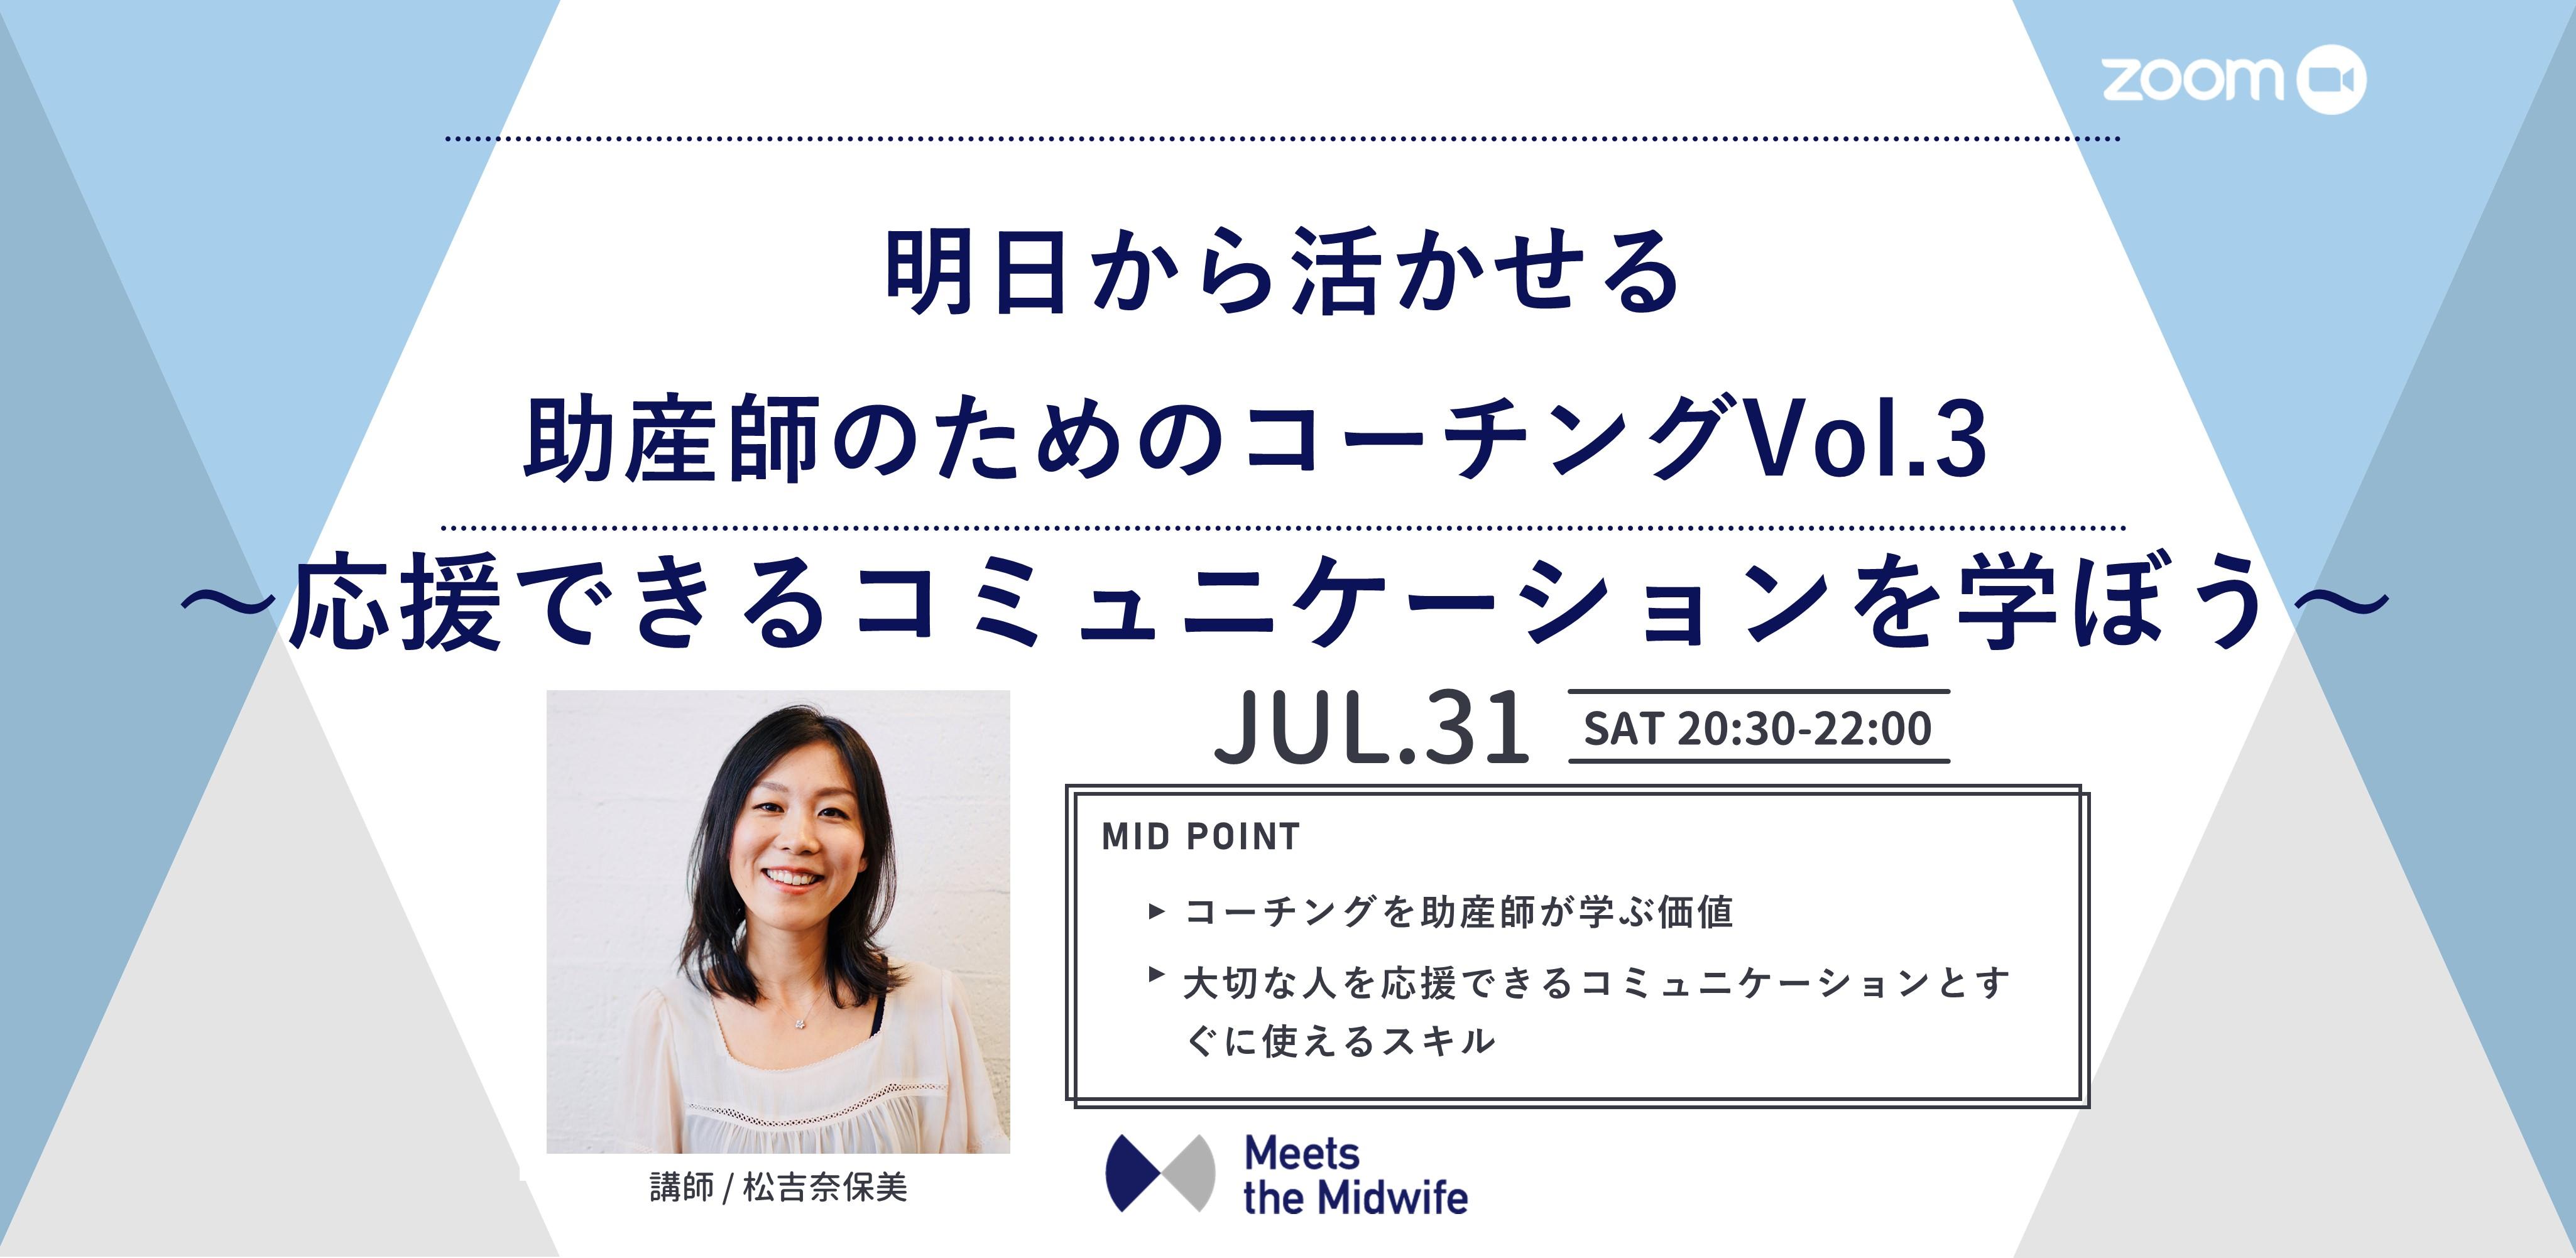 明日から活かせる助産師のためのコーチングVol.3 ~応援できるコミュニケーションを学ぼう~